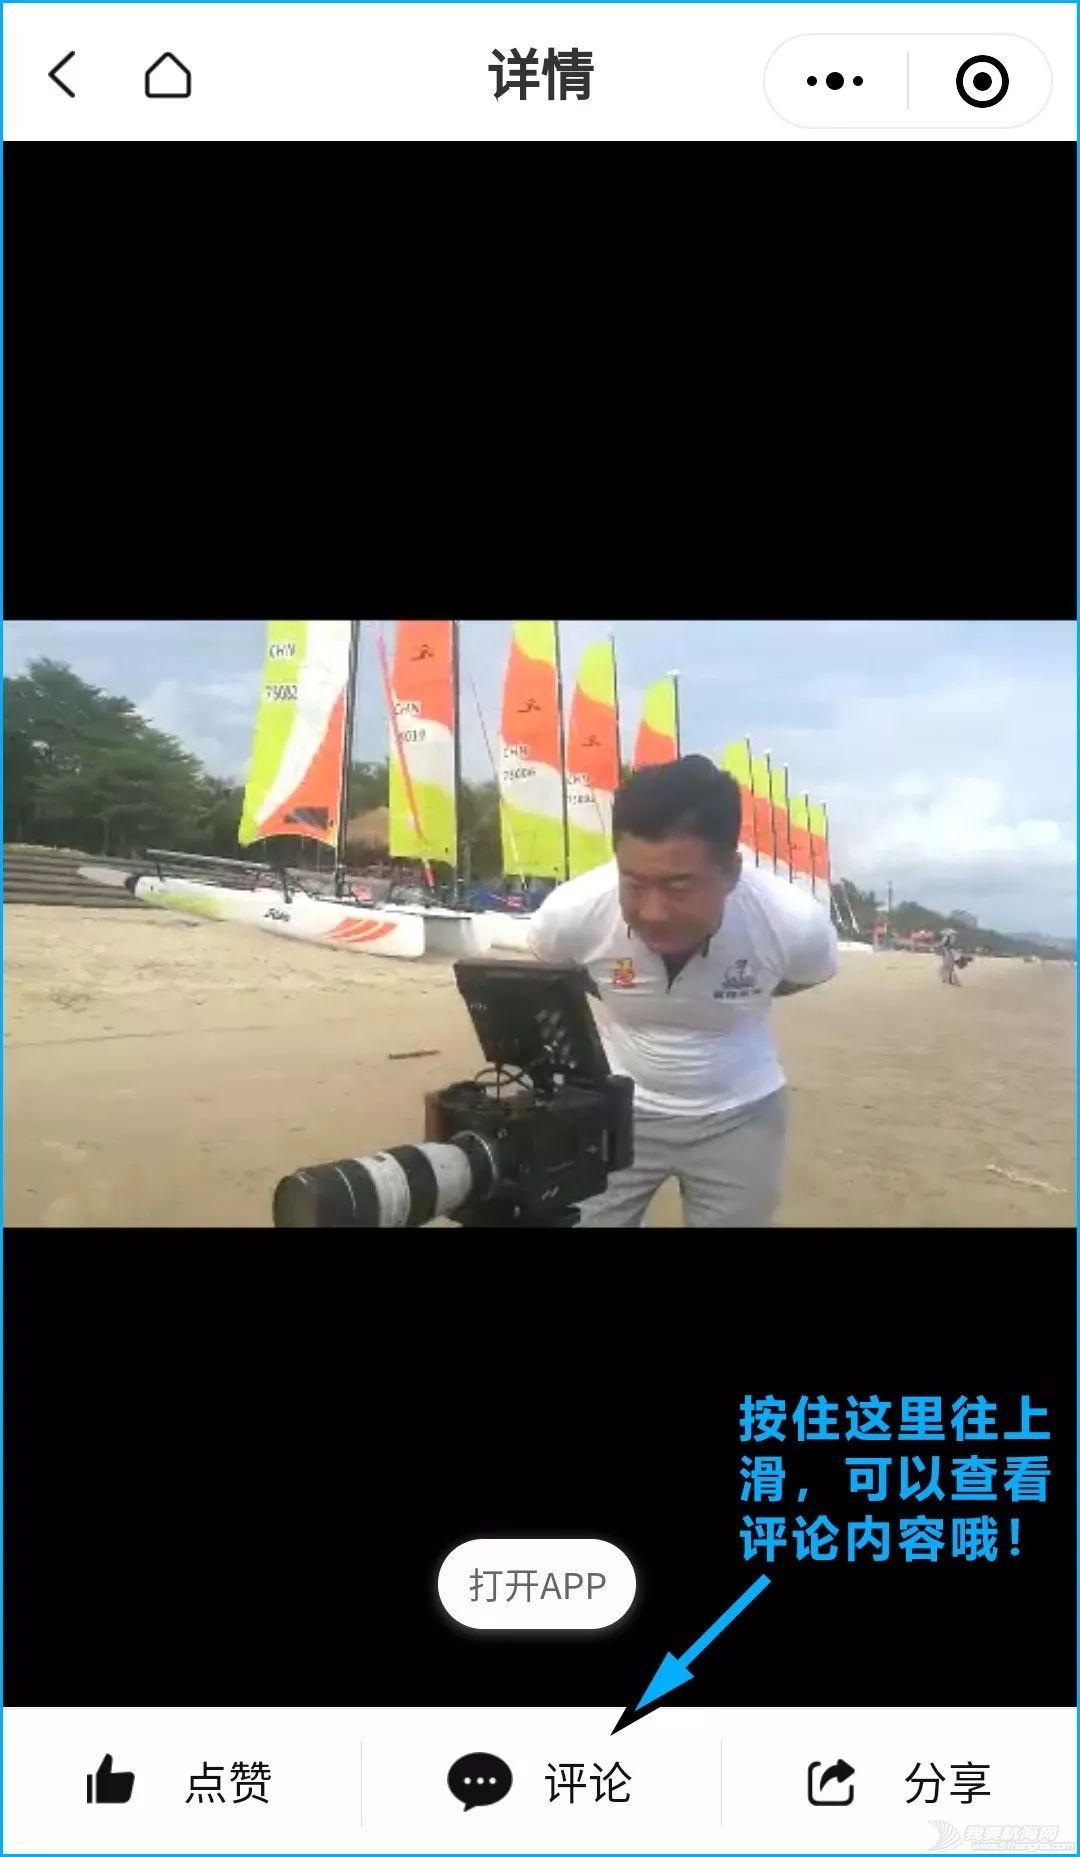 2019中国家庭帆船赛三亚站来了 三招带你玩转家帆赛官方互动小程序w8.jpg